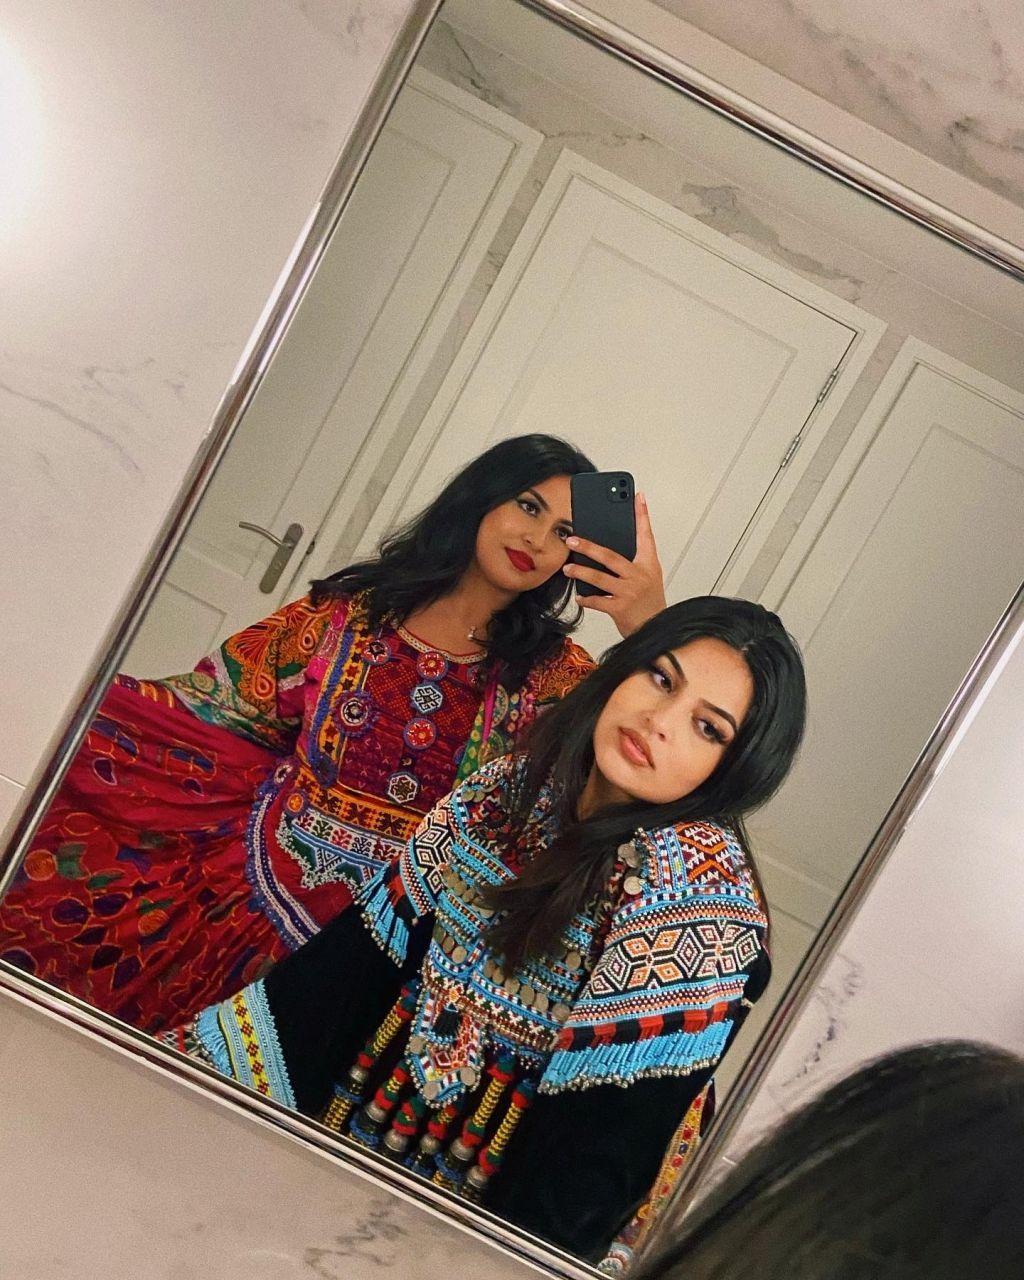 بالصور.. أفغانيات في الخارج يرفضن انتهاكات طالبان بالأزياء التقليدية